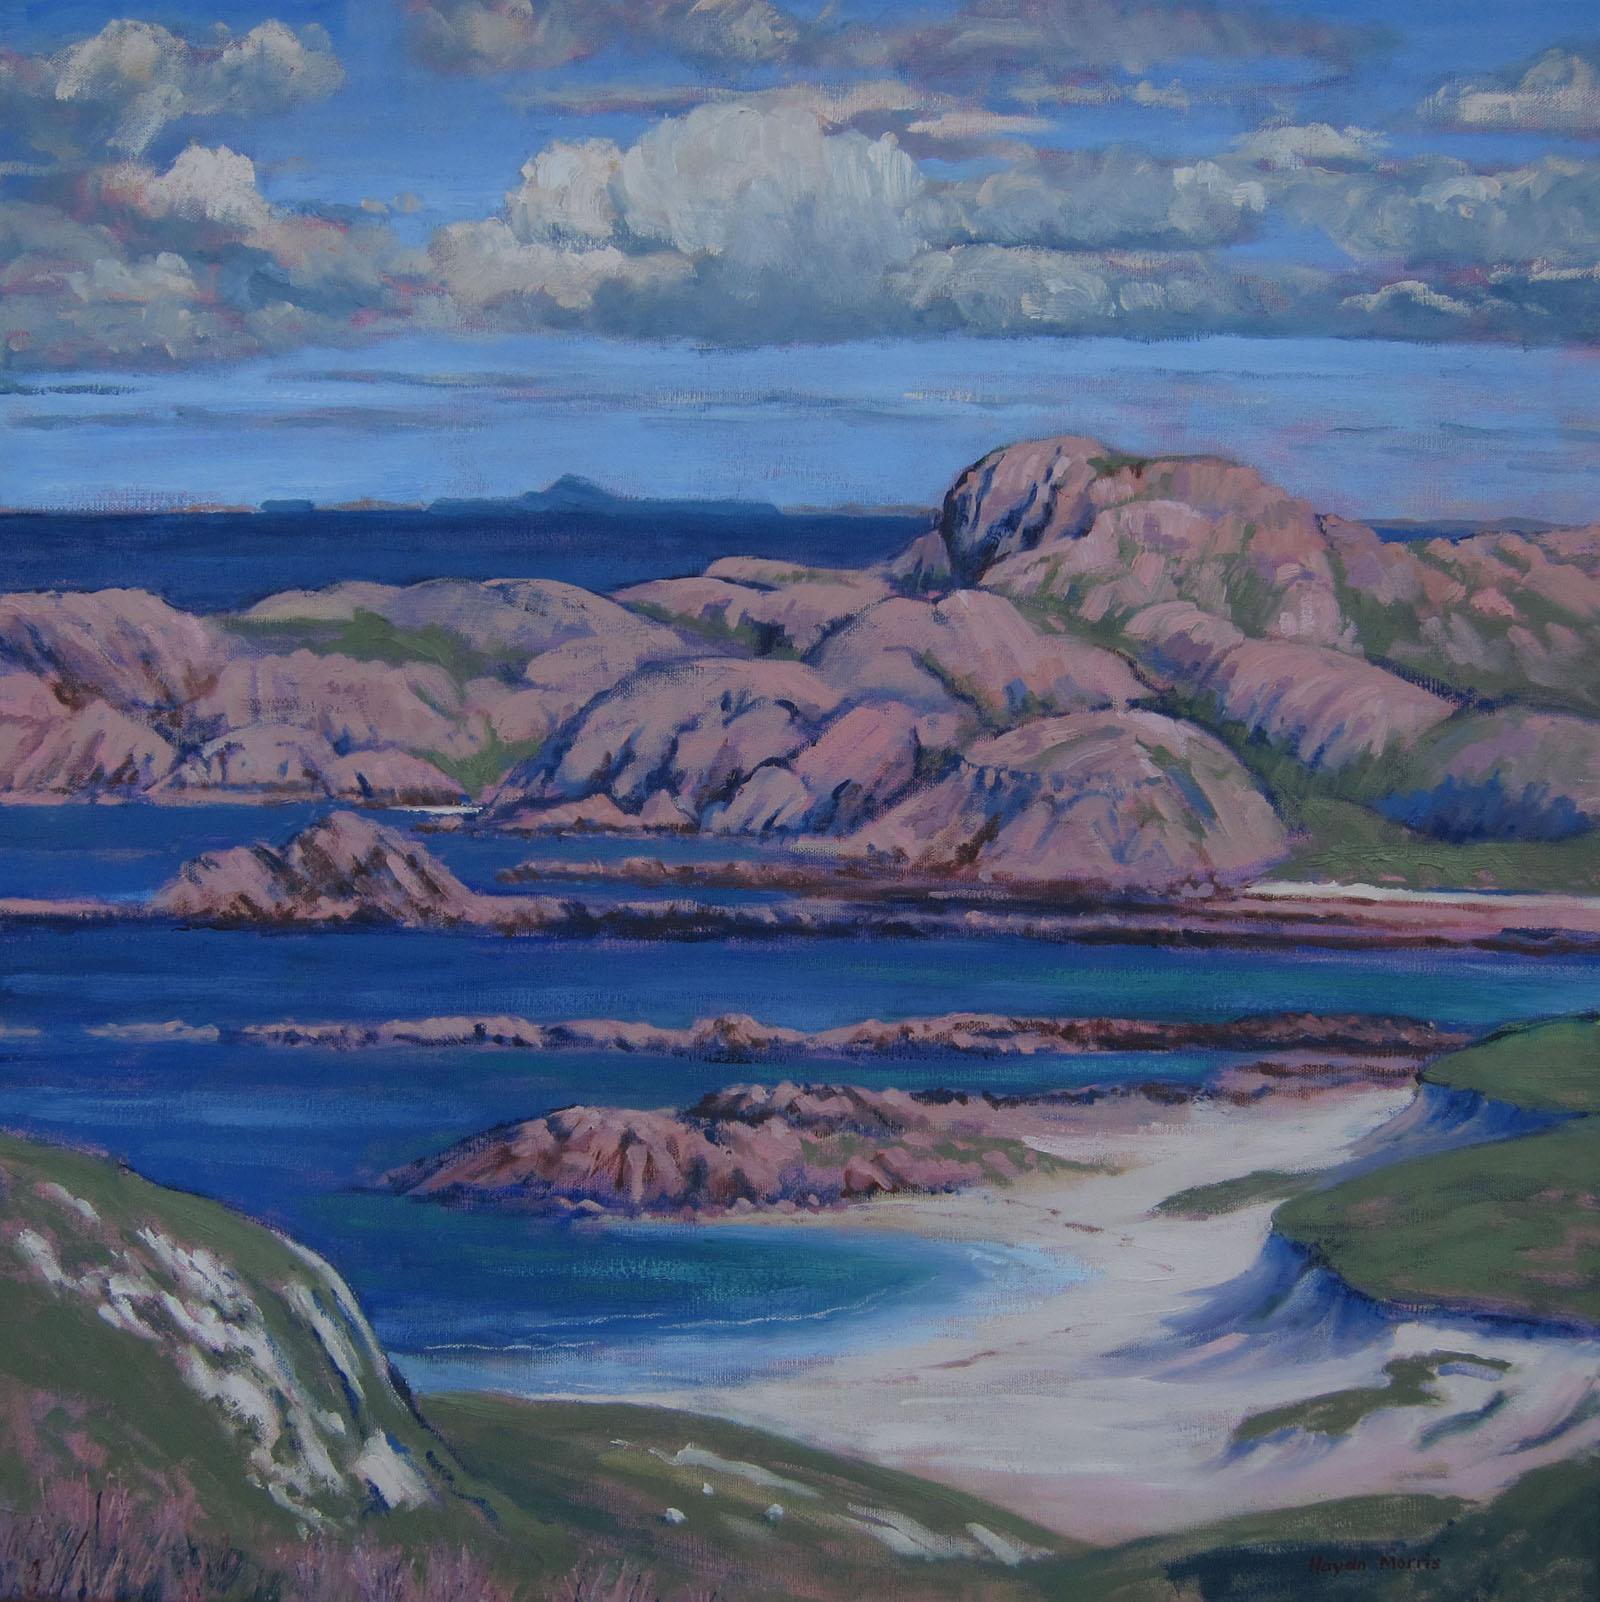 Iona, toward Dutchman's Cap